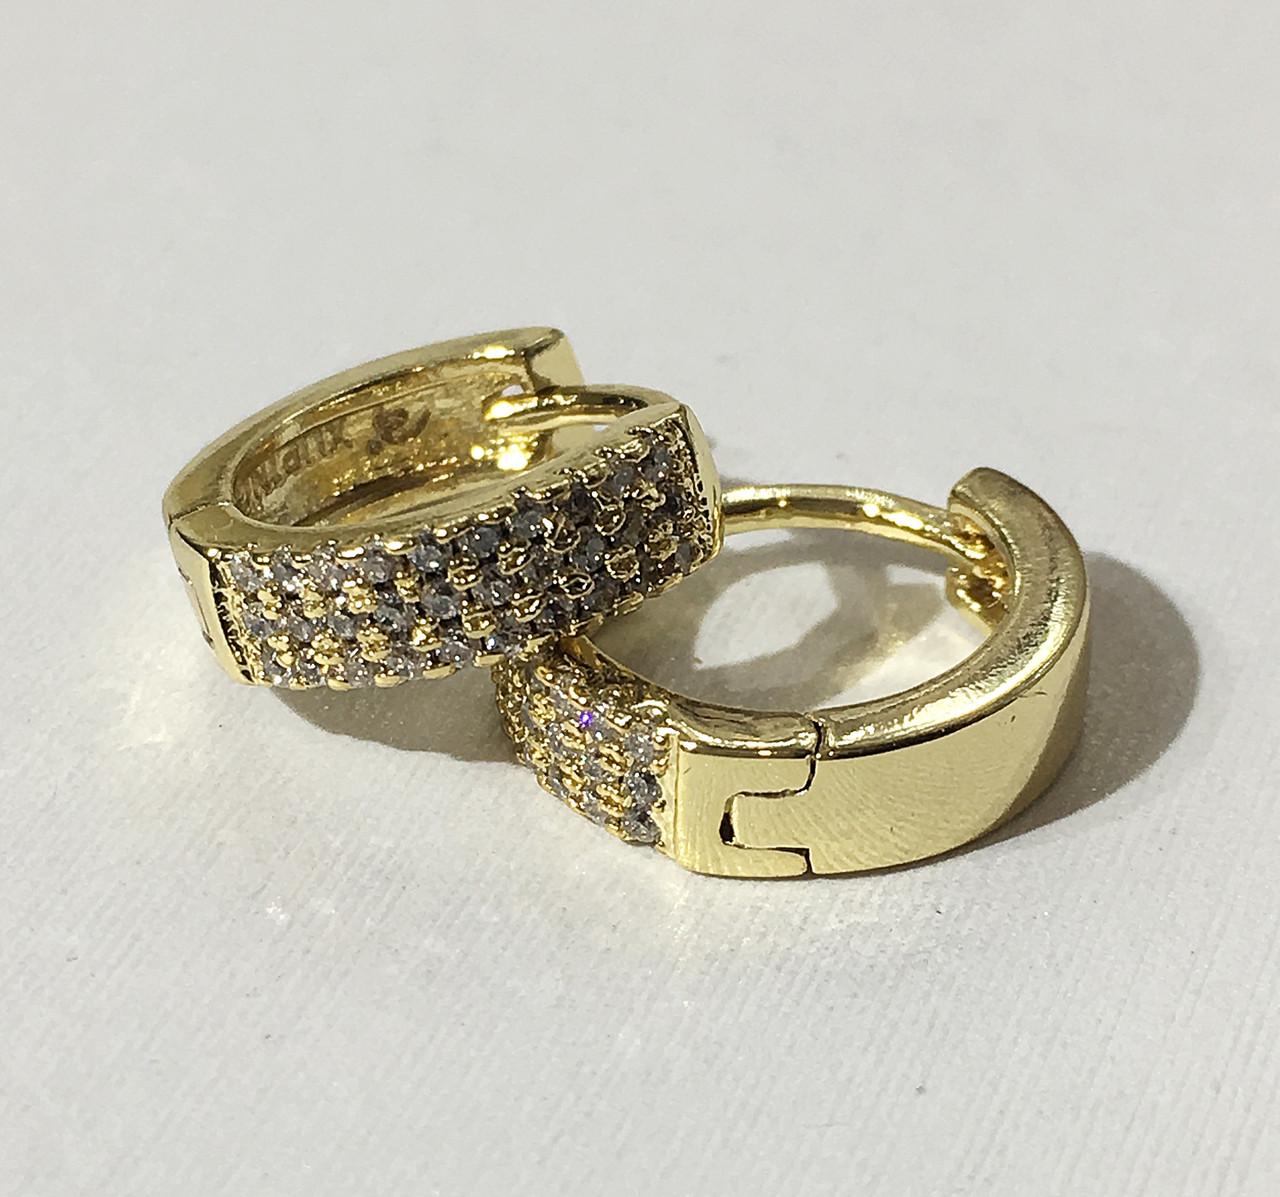 Сережки три ряди каменів (під європейське золото 750 проби)